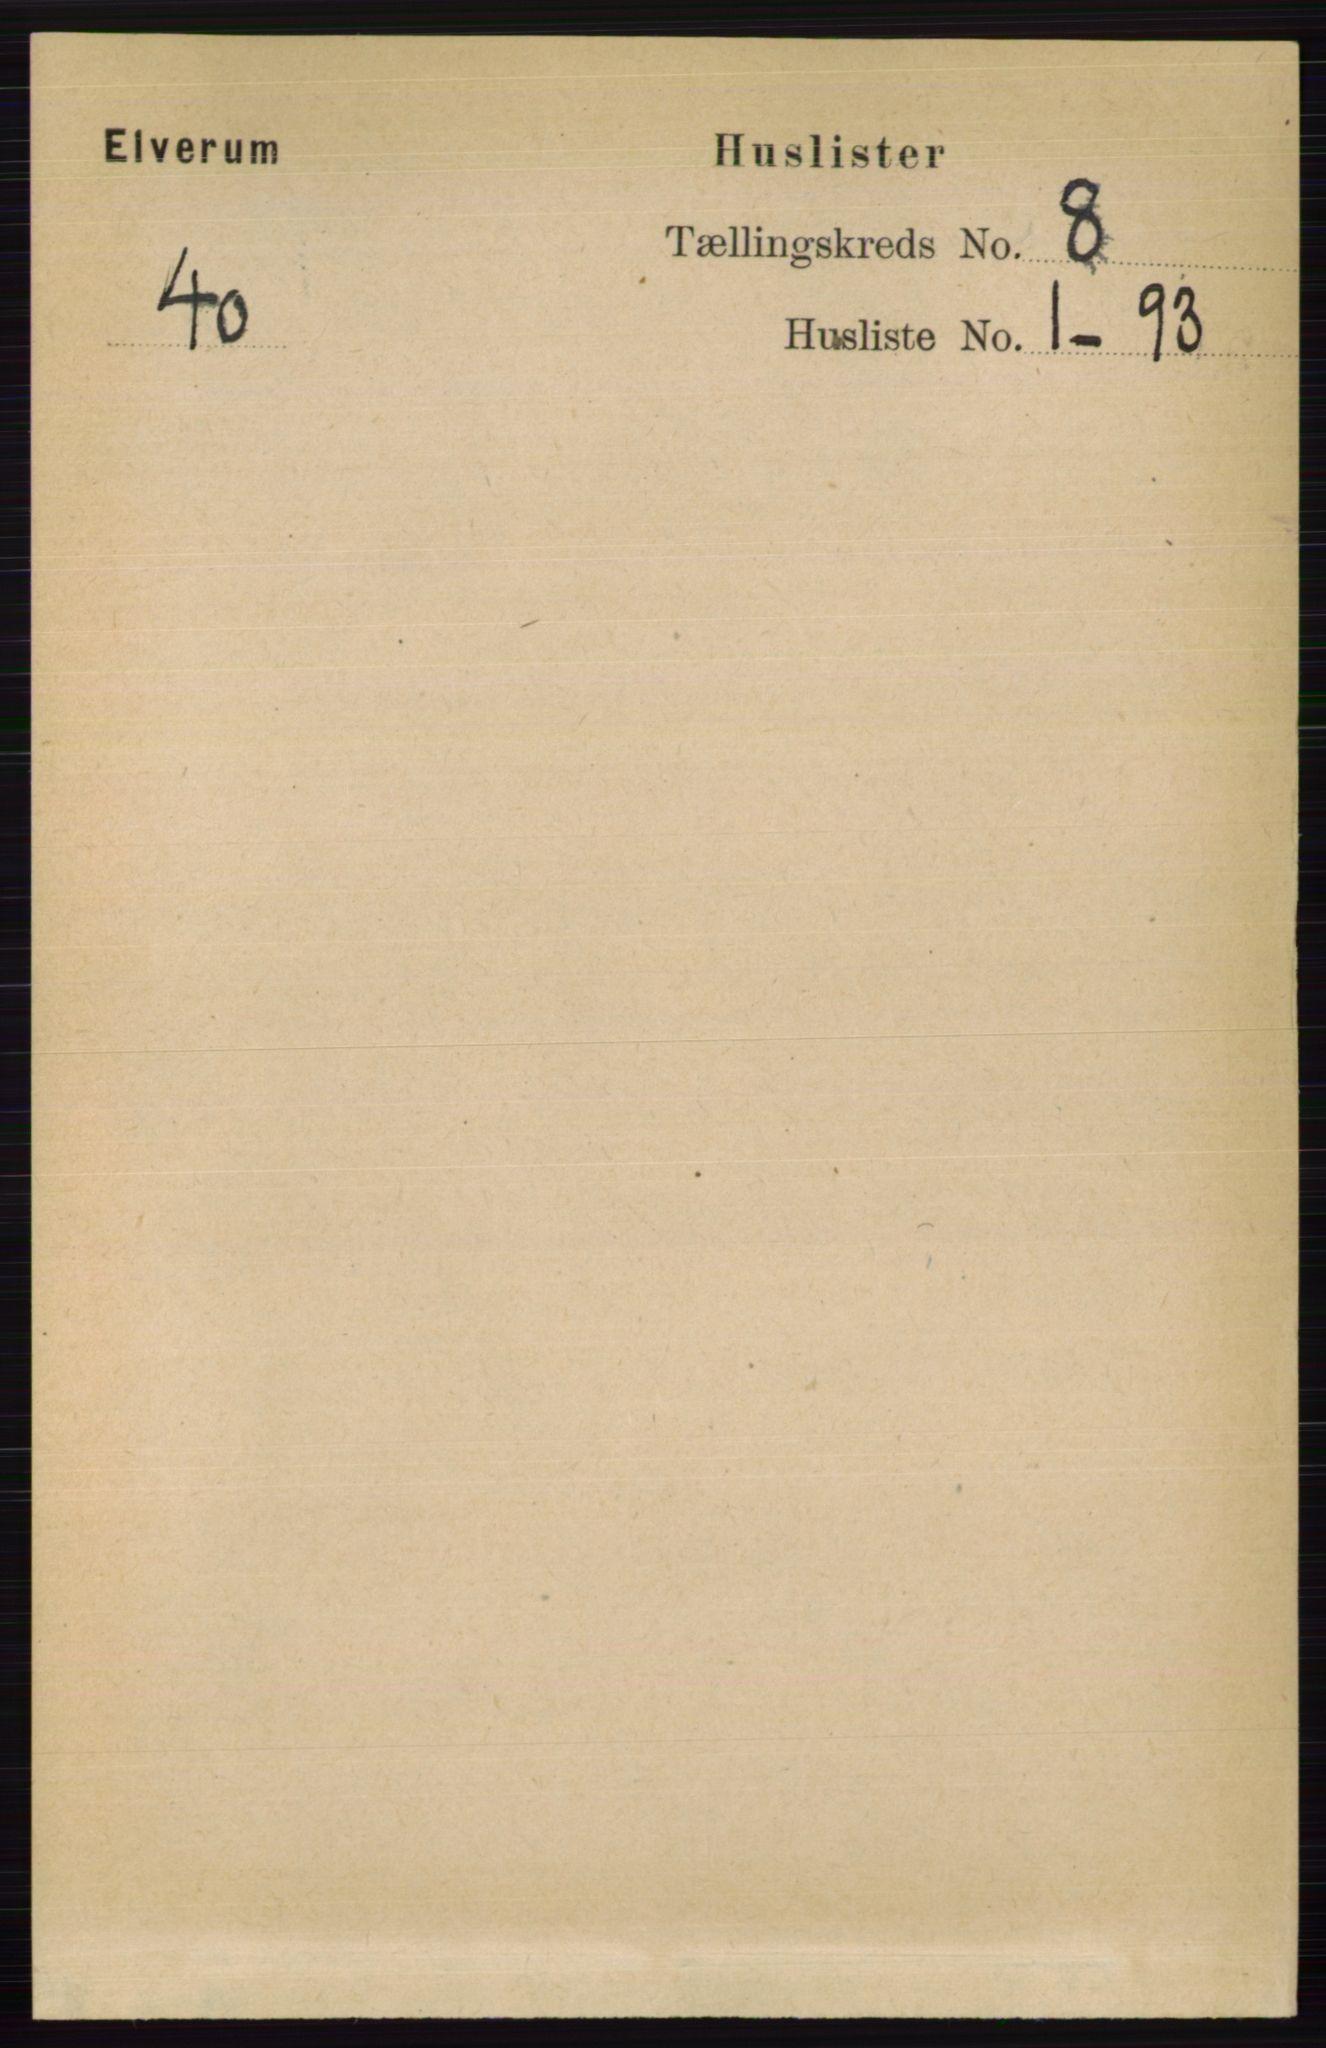 RA, Folketelling 1891 for 0427 Elverum herred, 1891, s. 6914